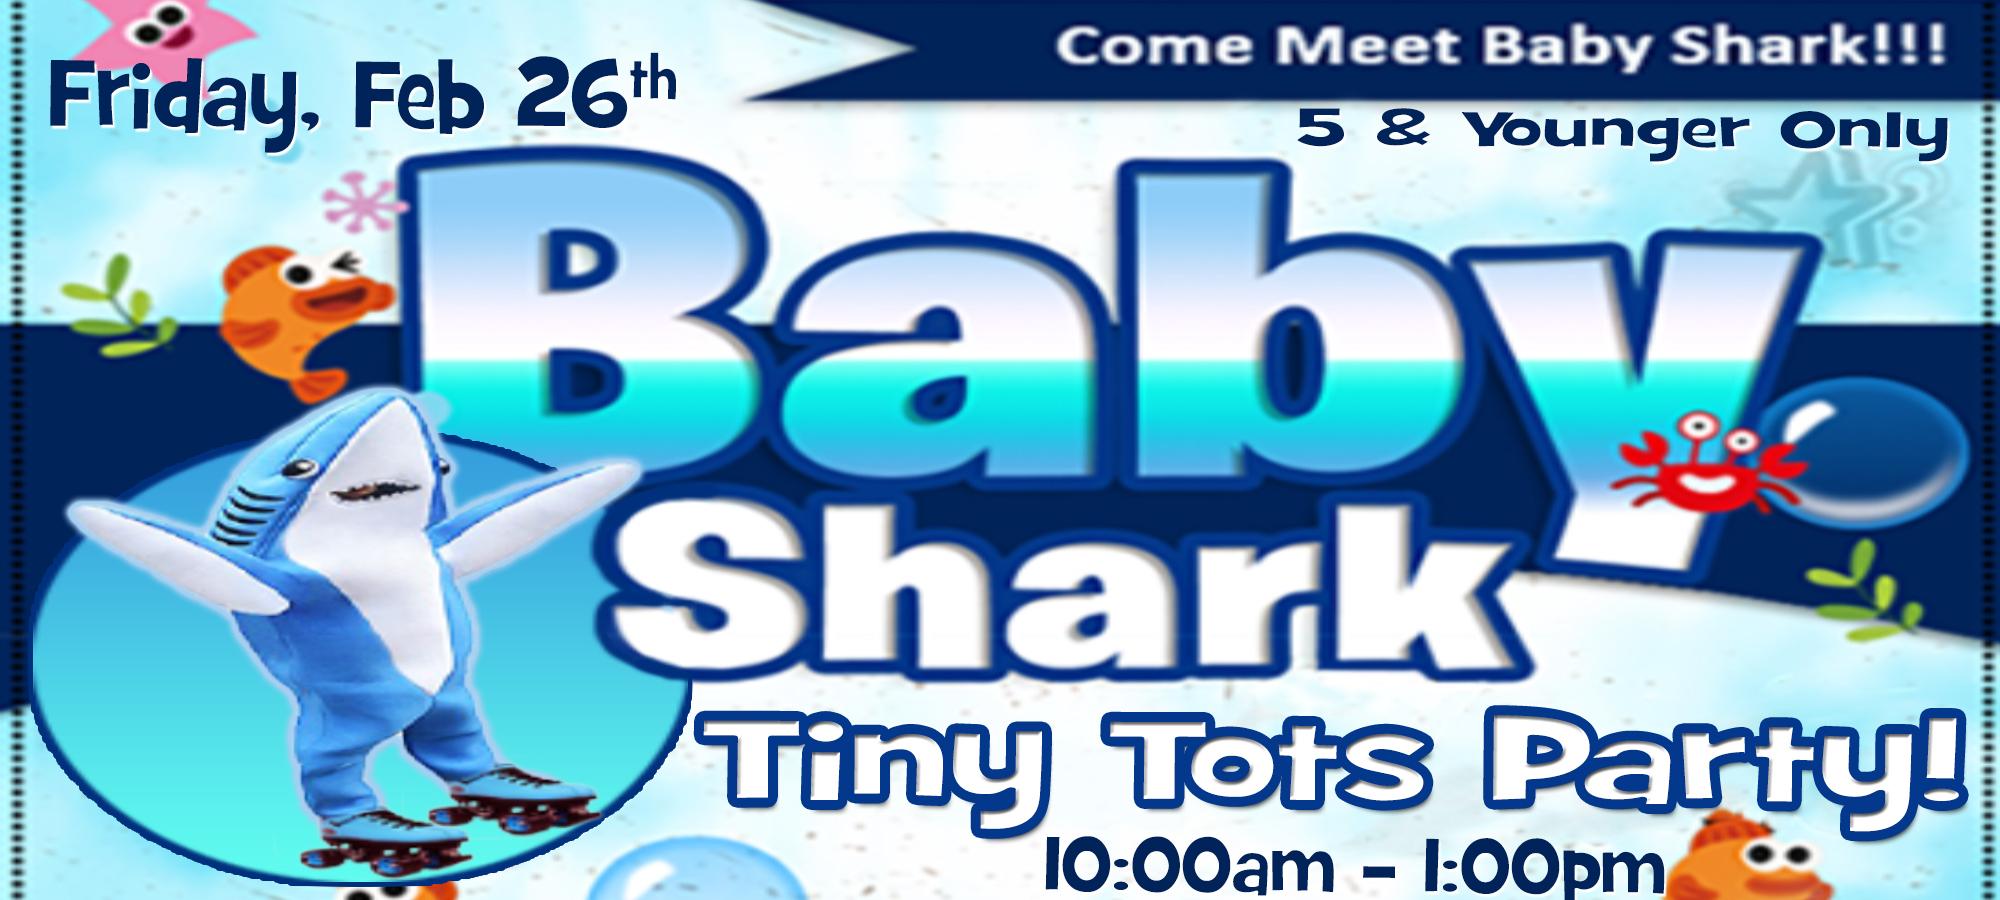 Tiny-Tots-Baby-Shark-2021